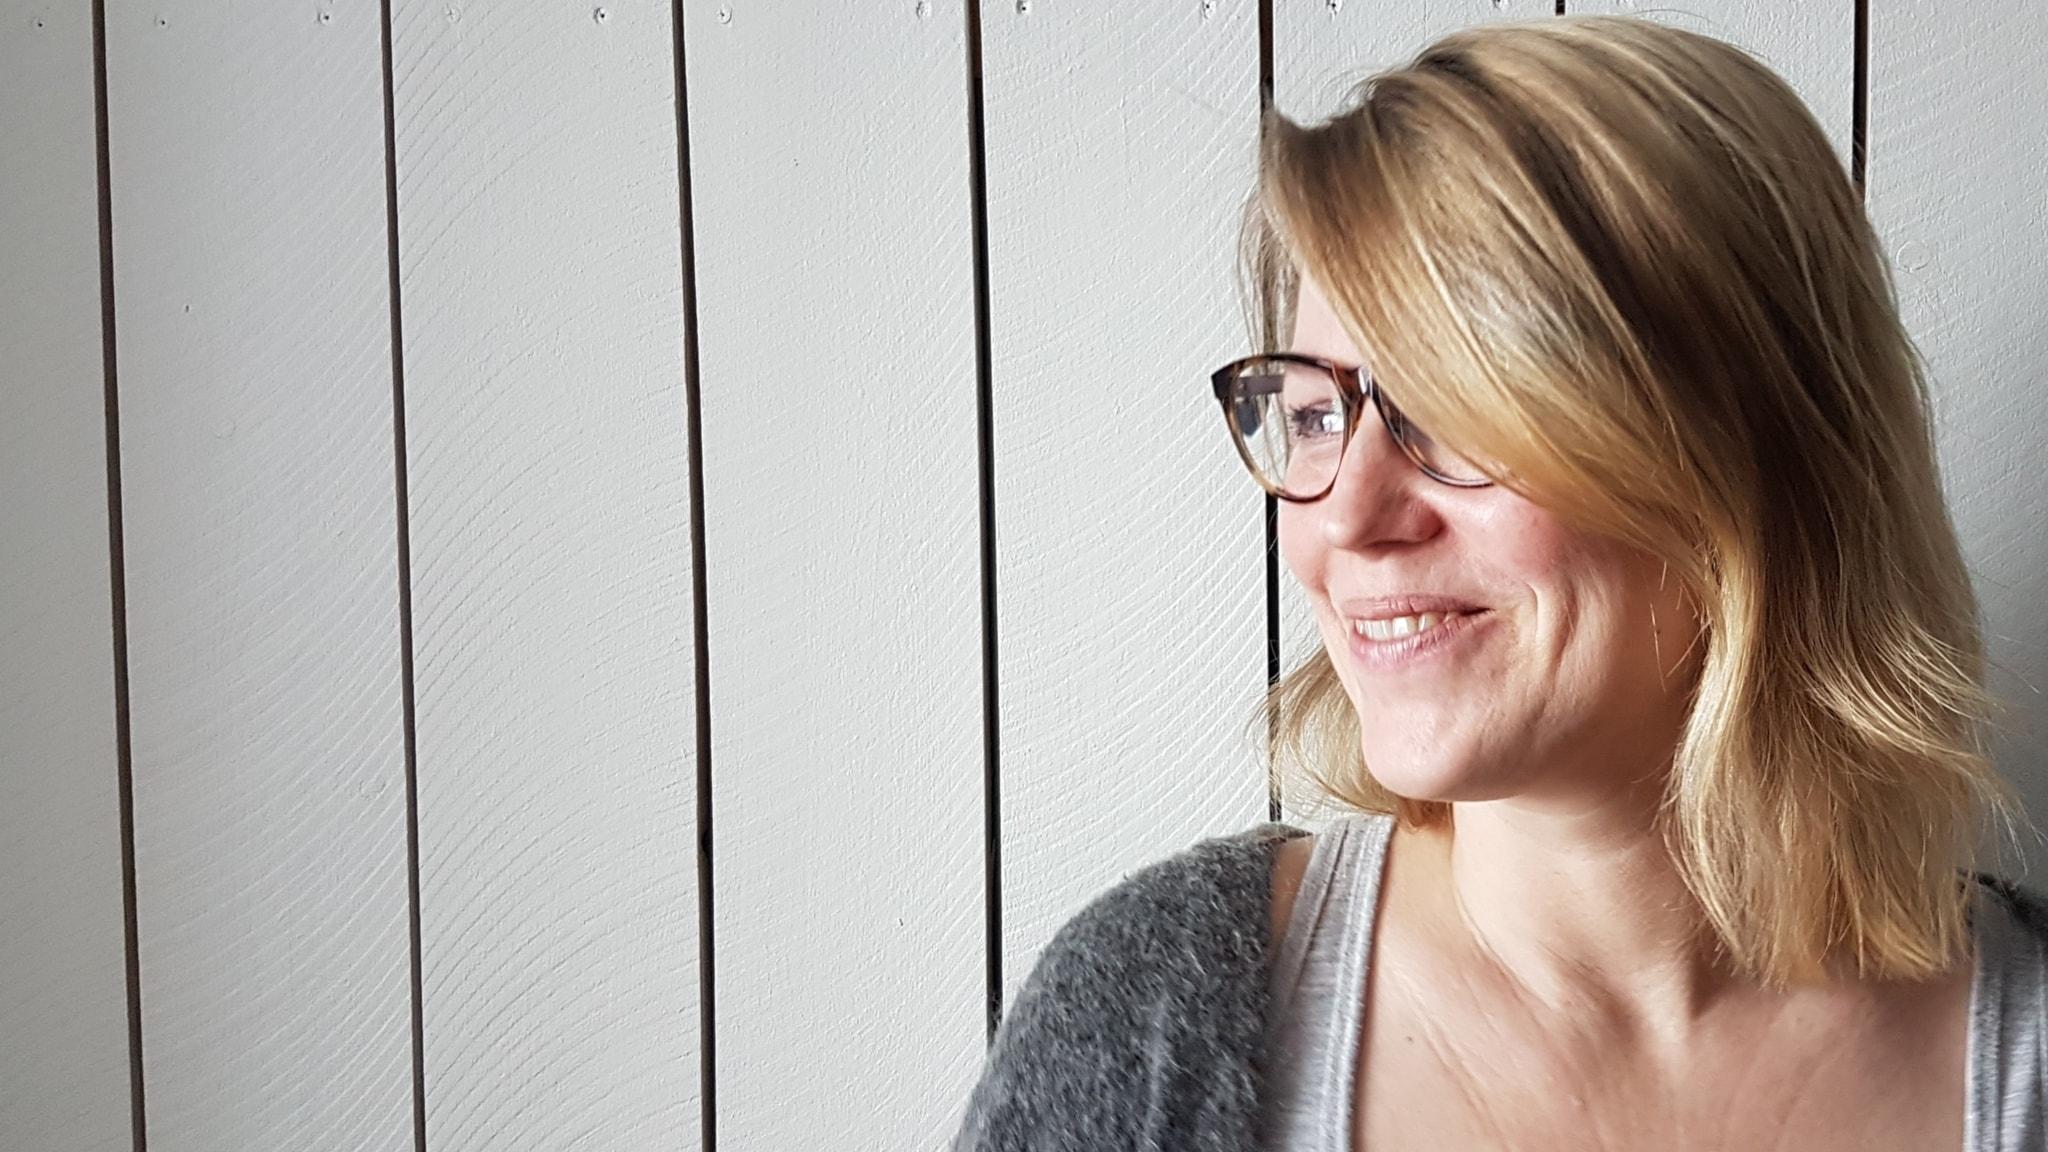 Anna Broström - Jag känner mig ensam i kväll